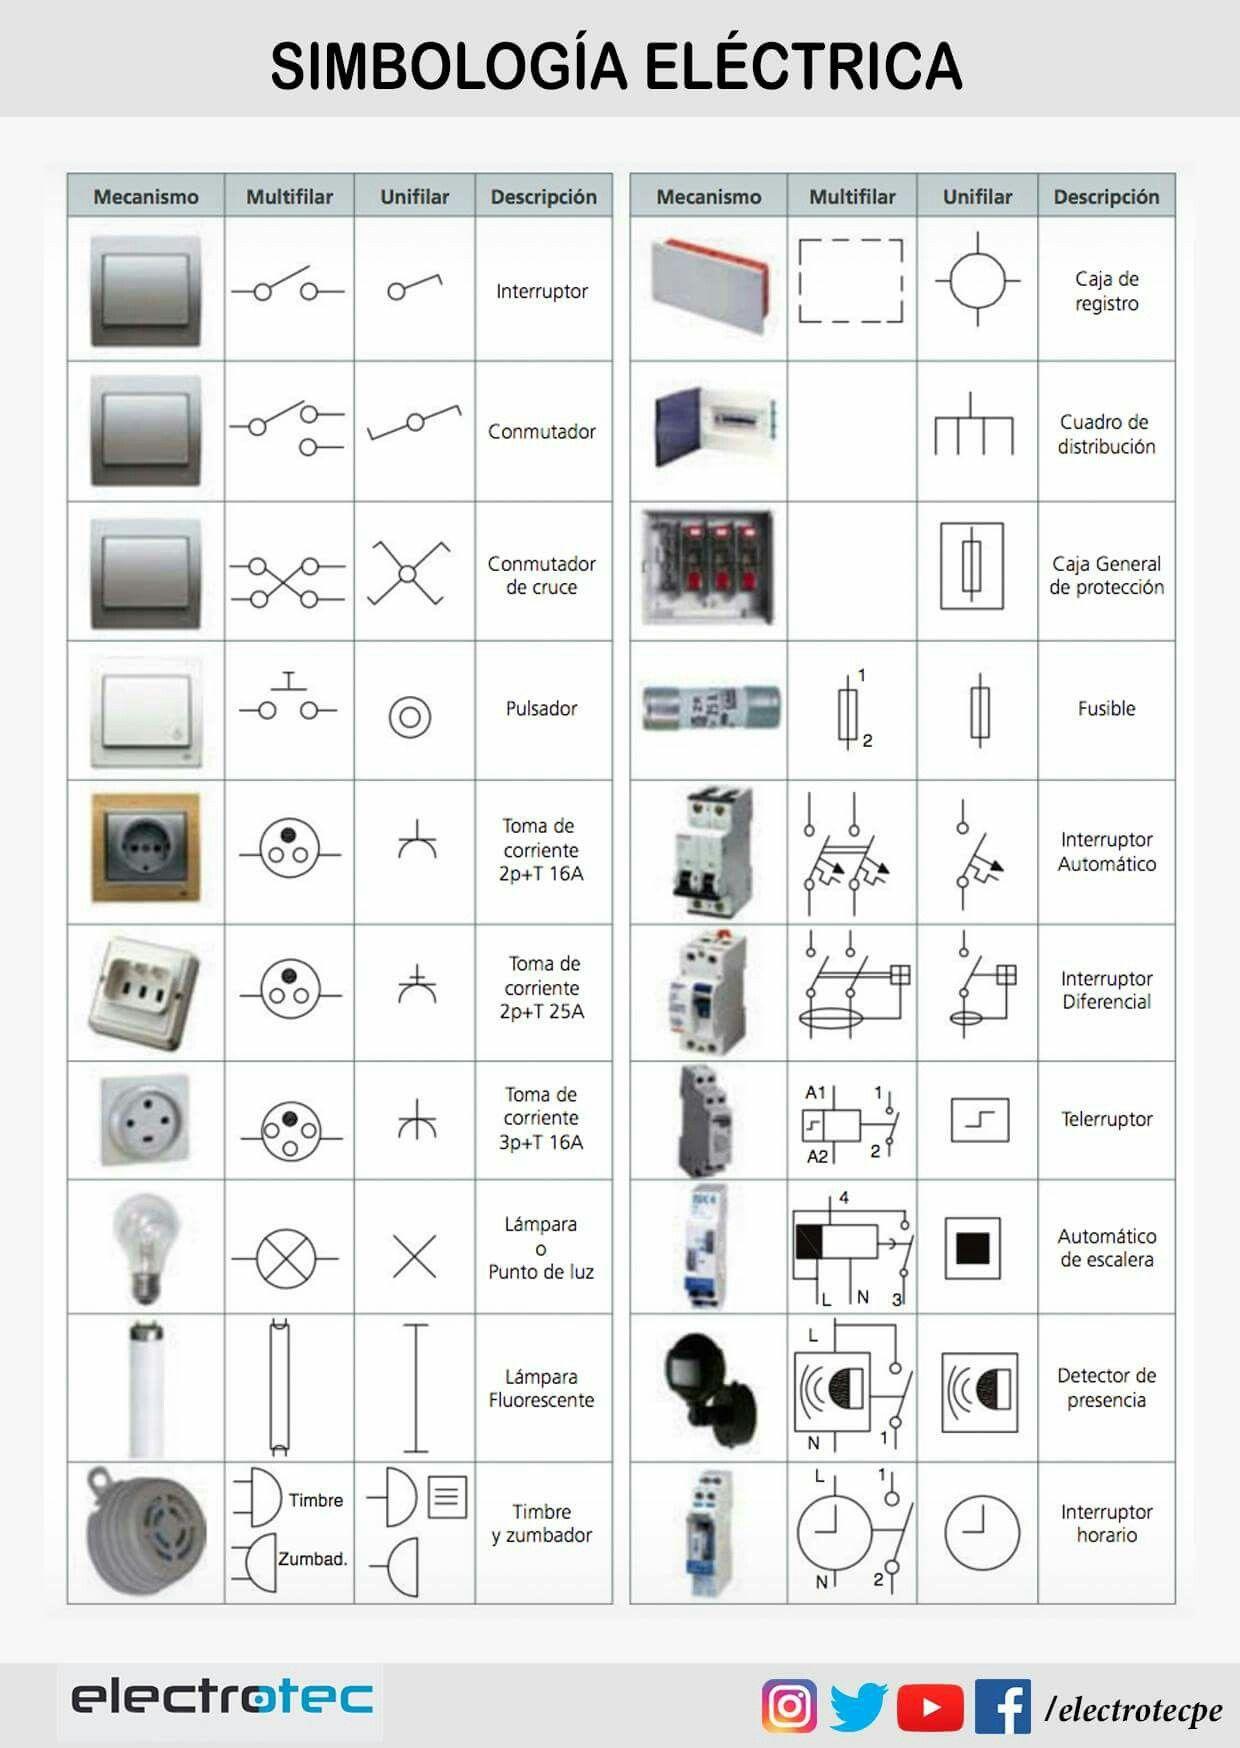 Simbolo de interruptor en plano electrico